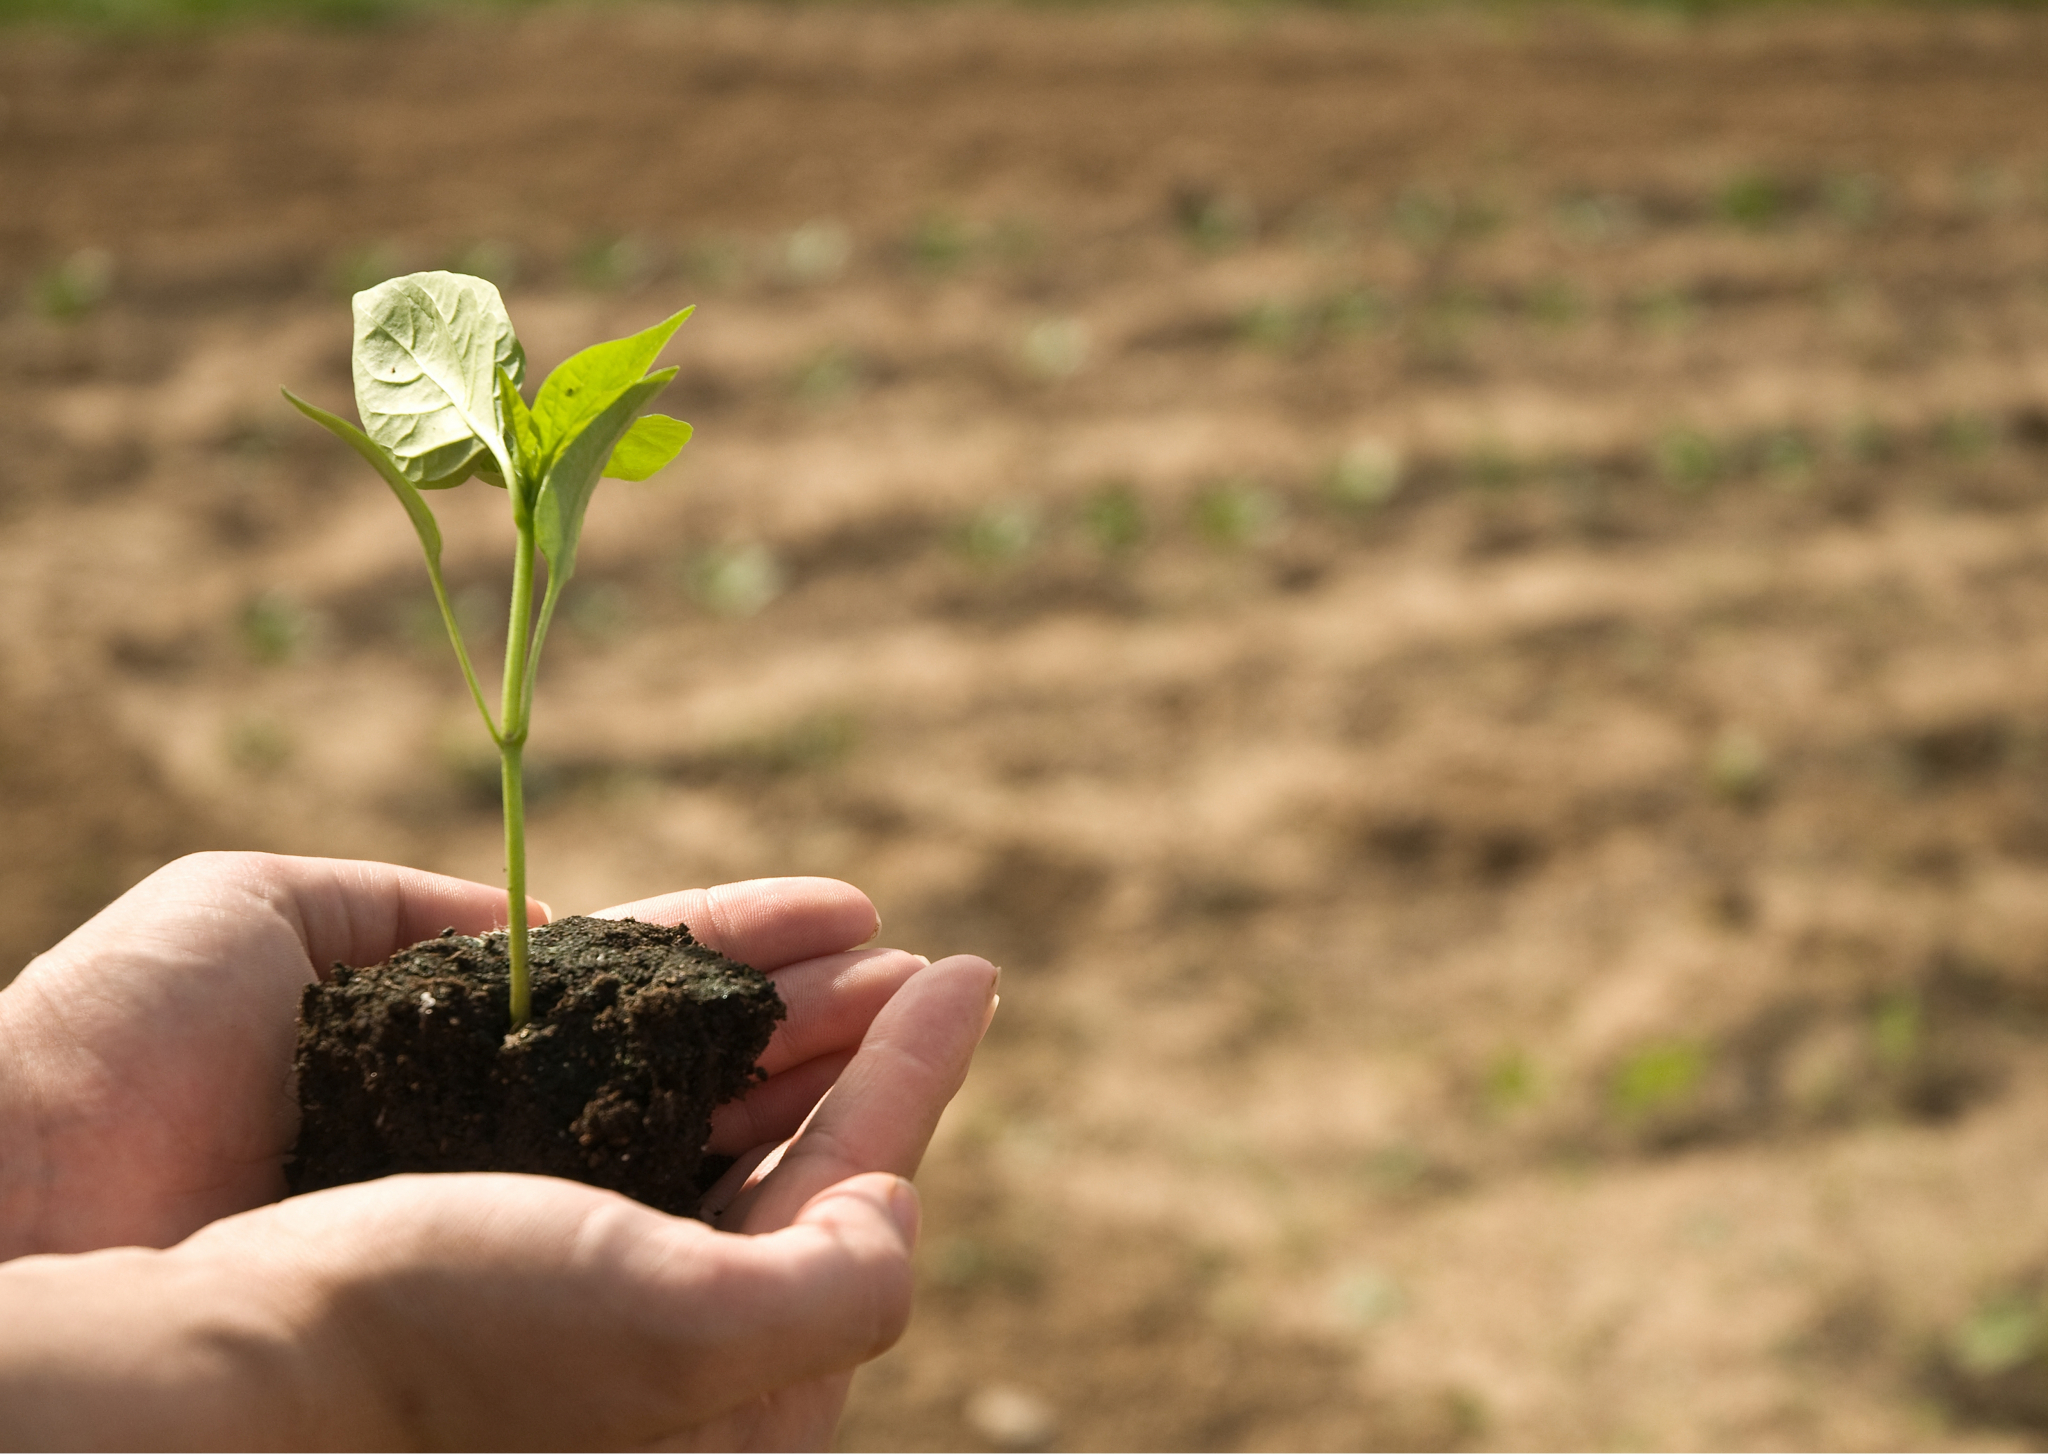 Sostenibilidad Alimentaria y Ambiental: Un reto de los Objetivos de Desarrollo Sostenible (ODS) 2030